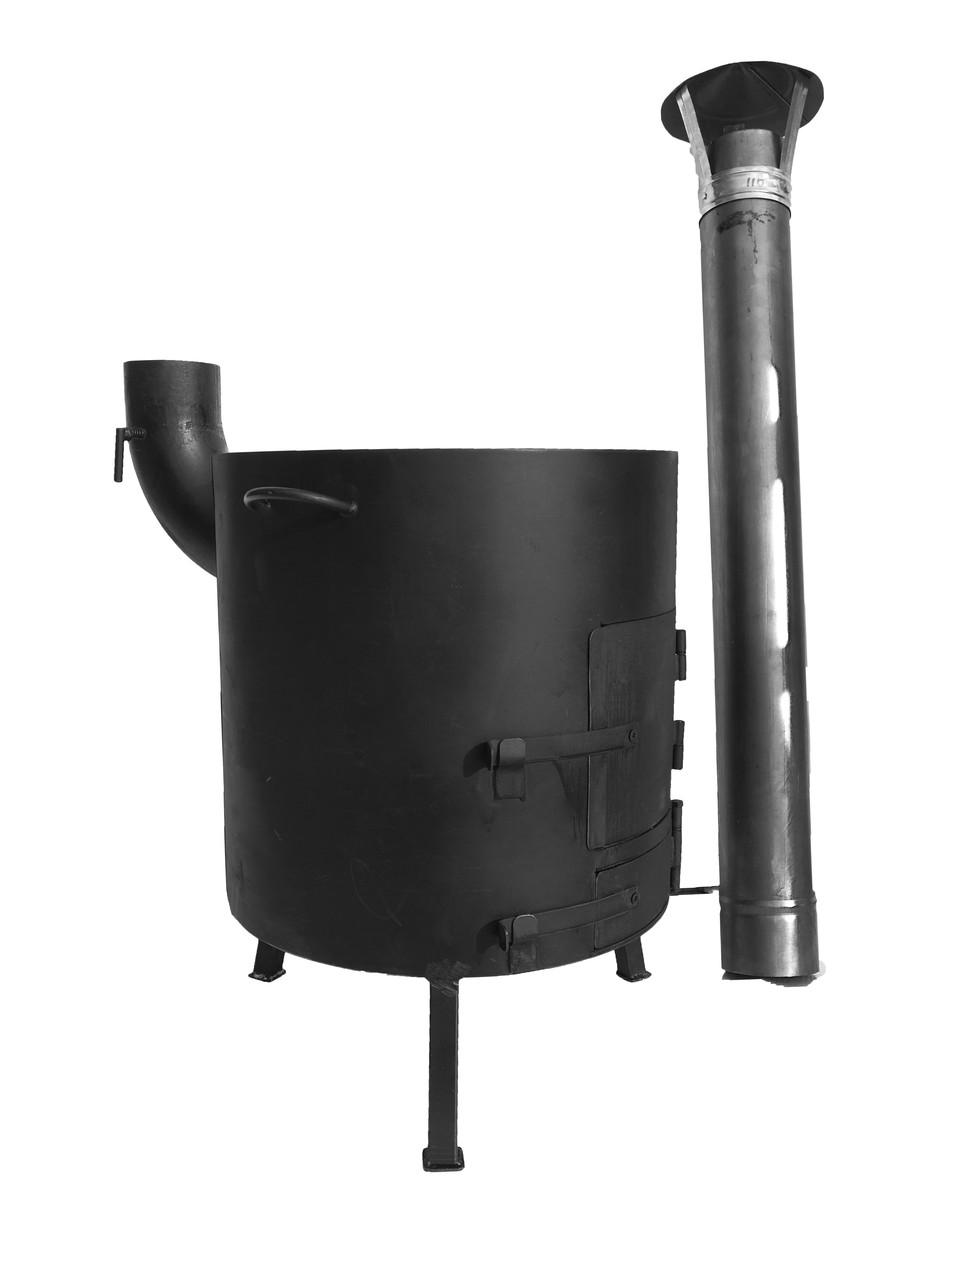 Печка для казана с поддувалом в диаметре 340мм